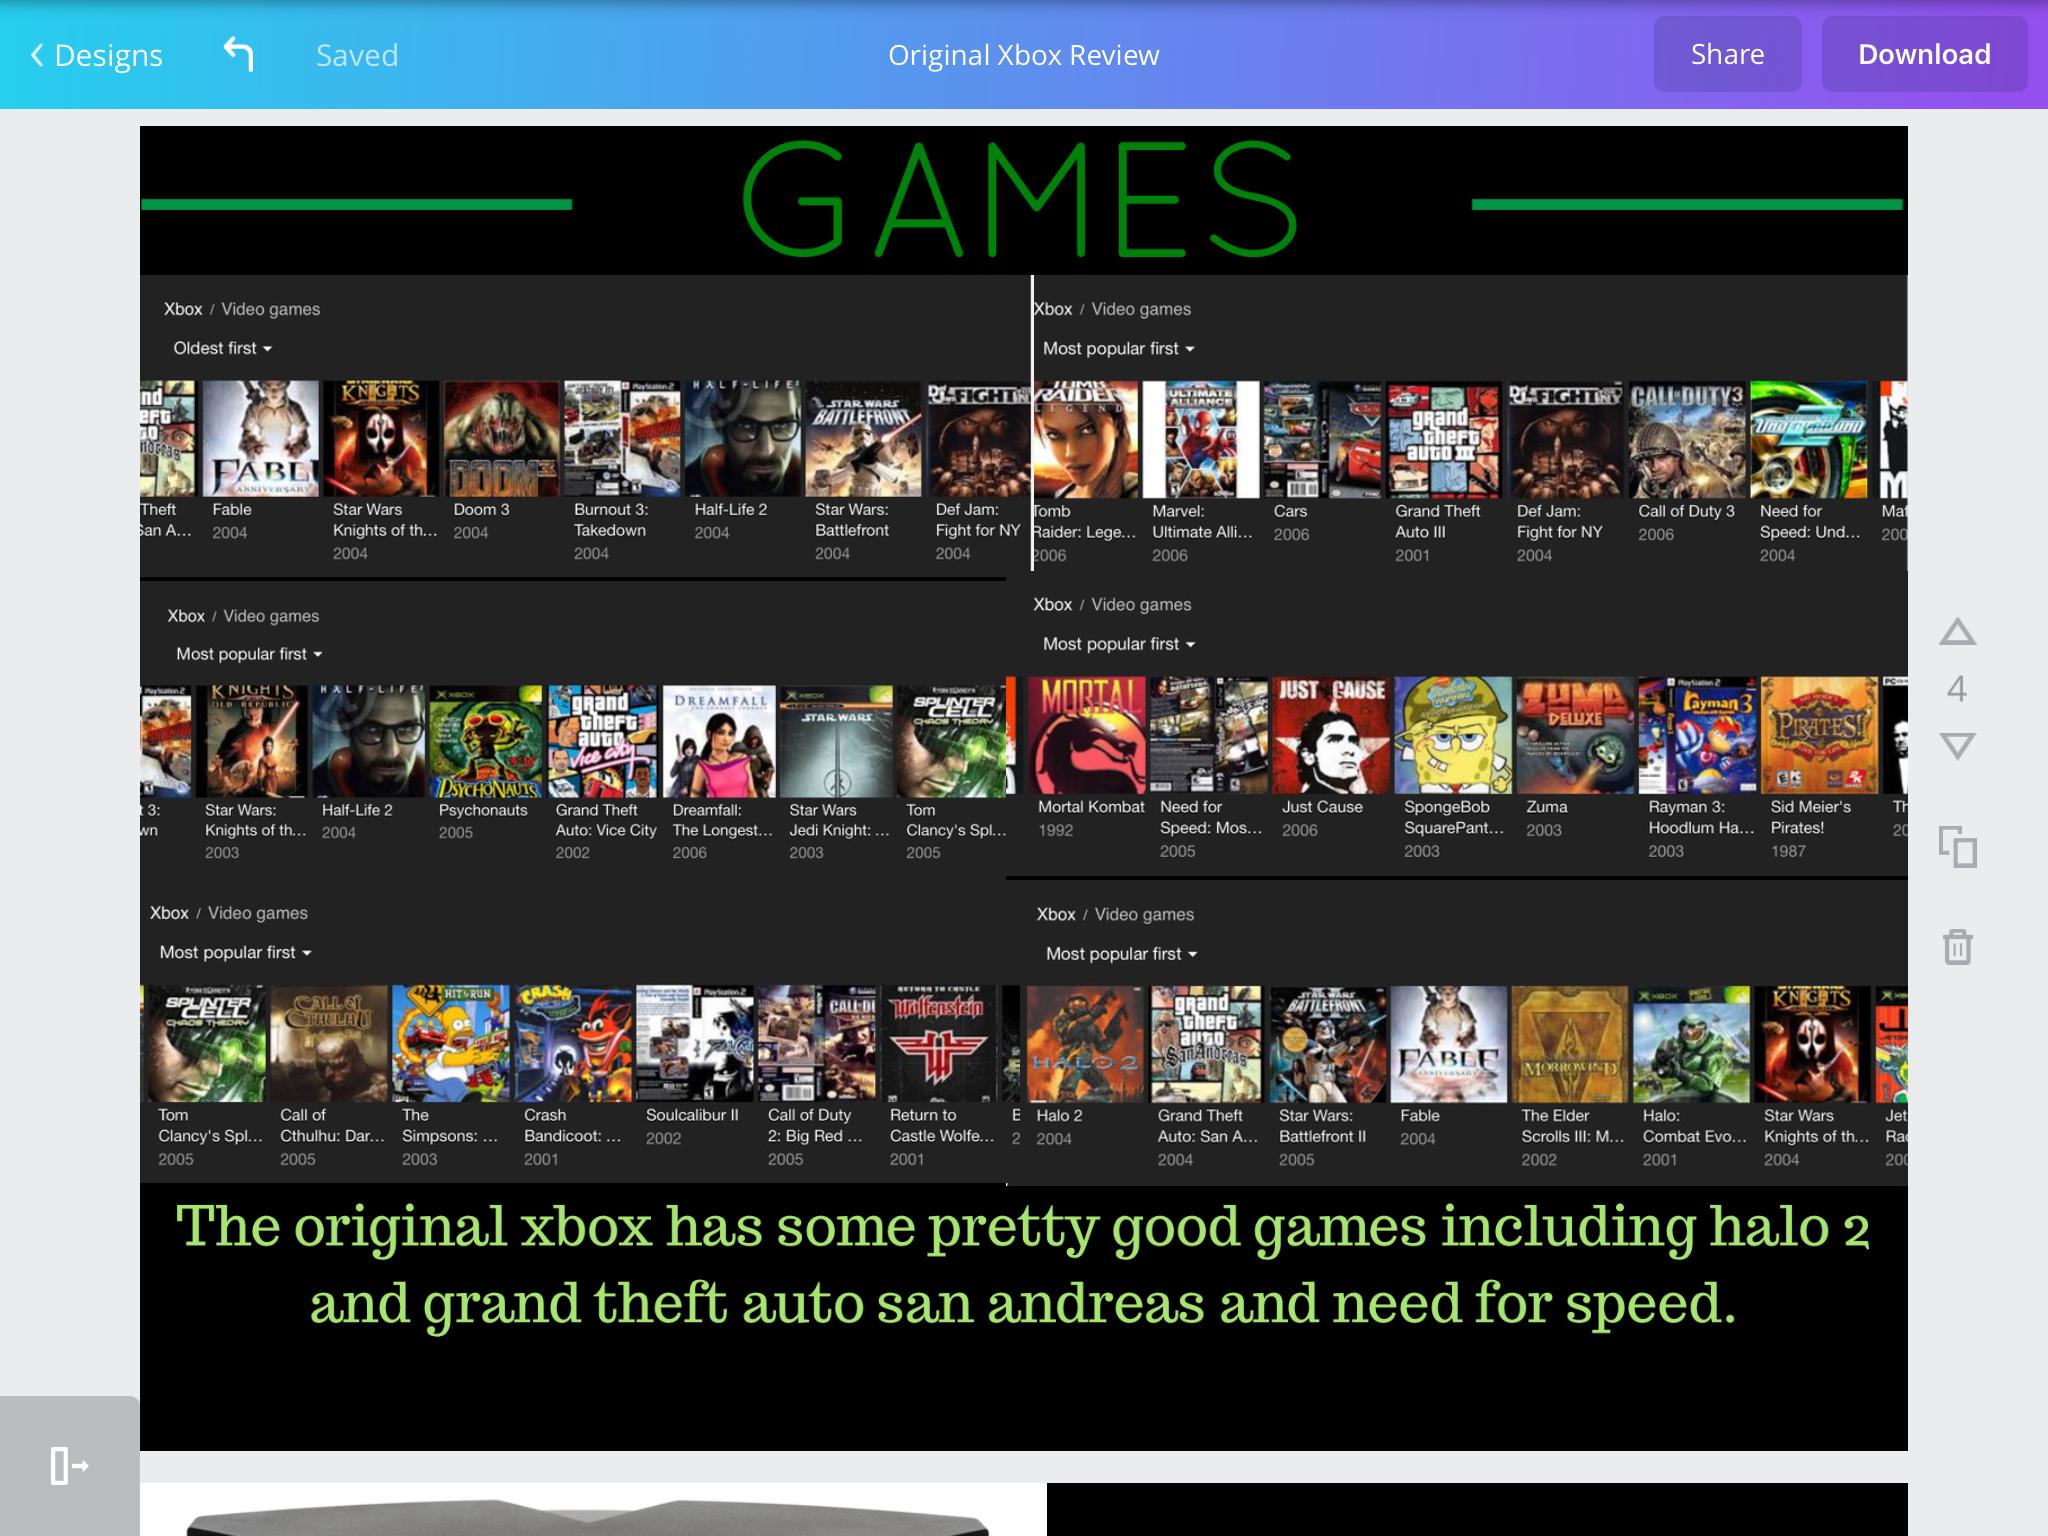 Original Xbox Games Original xbox, Xbox games, The originals